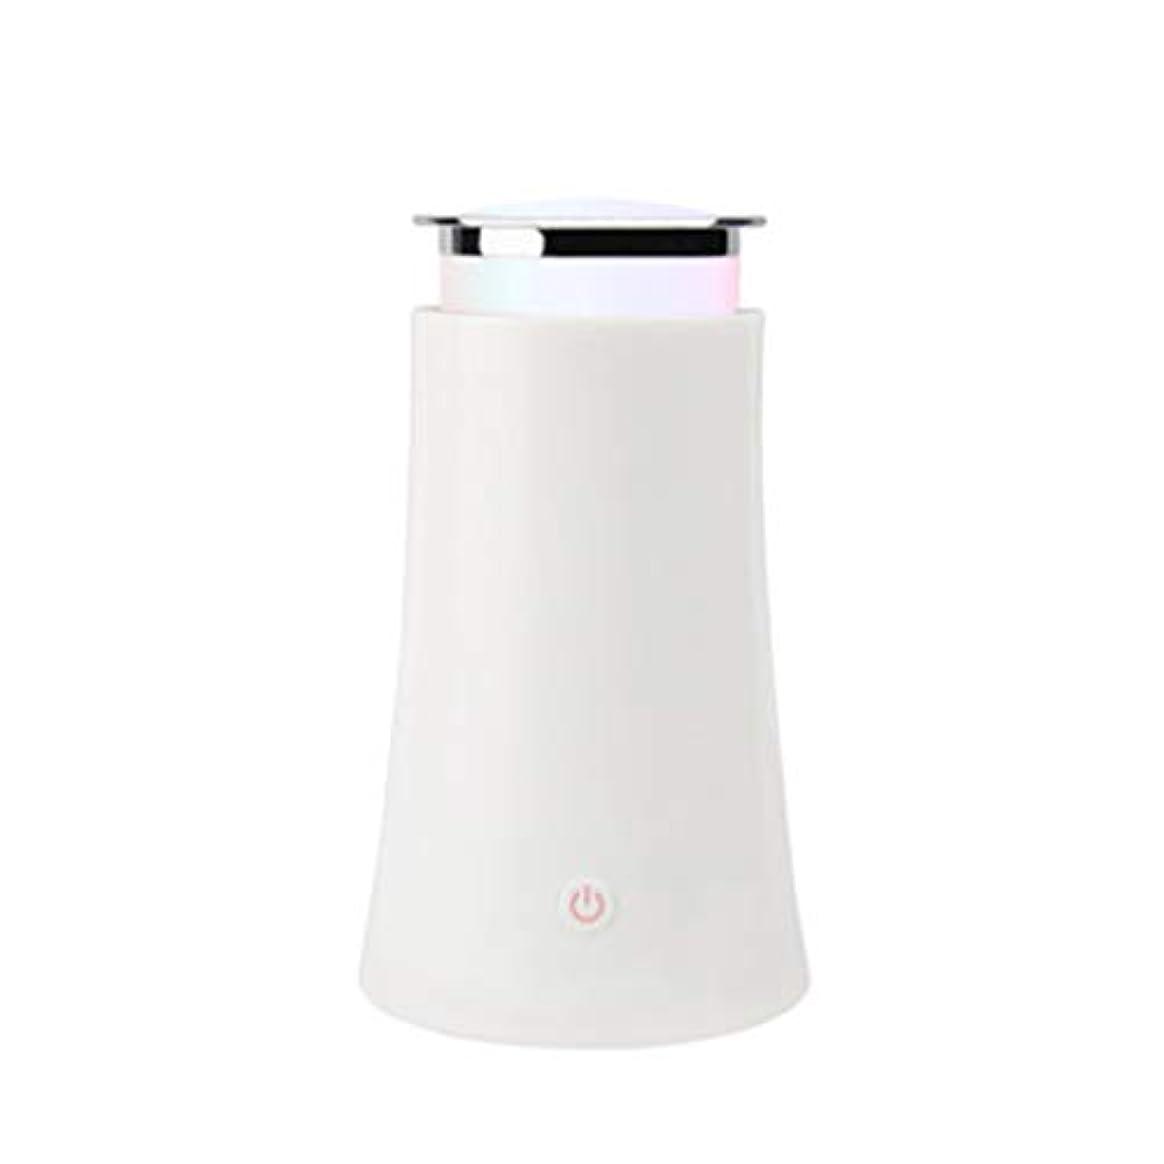 漂流ピアース酔ったサイレントカラースプレー機超音波加湿器プラグイン加湿器香機世帯 (Color : White)